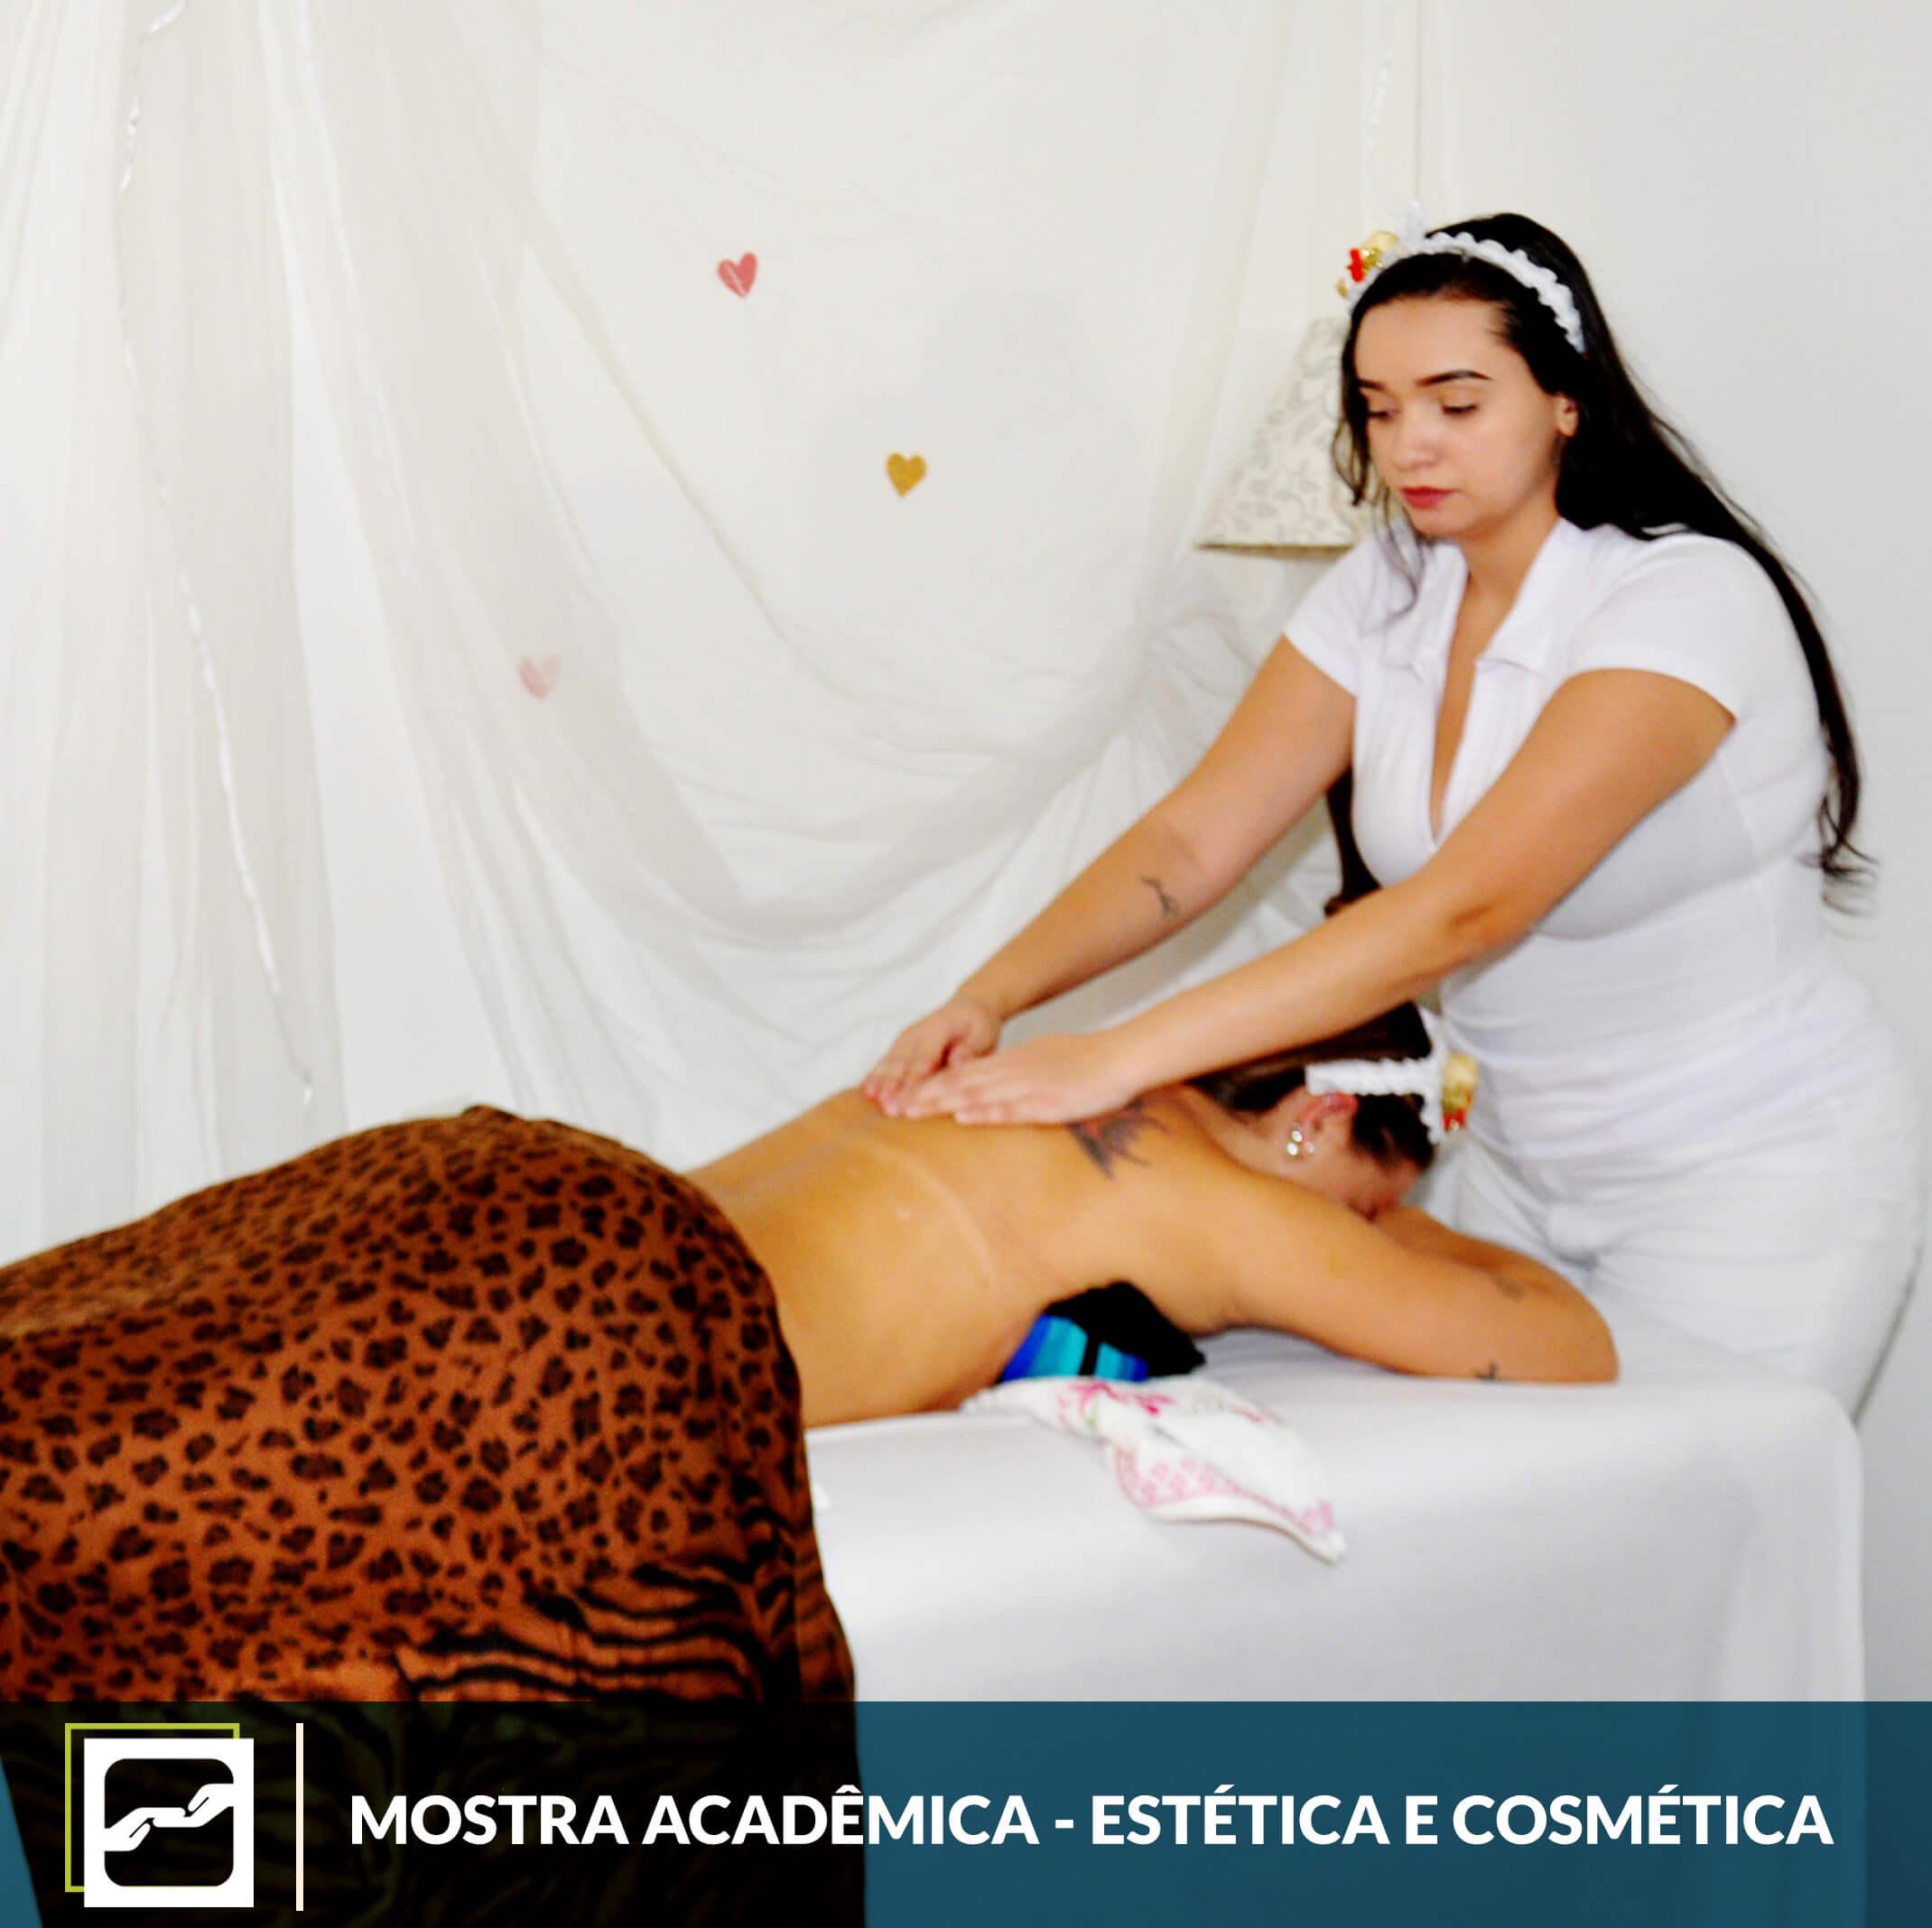 mostra-academia-estetica-cosmetica-famesp-28